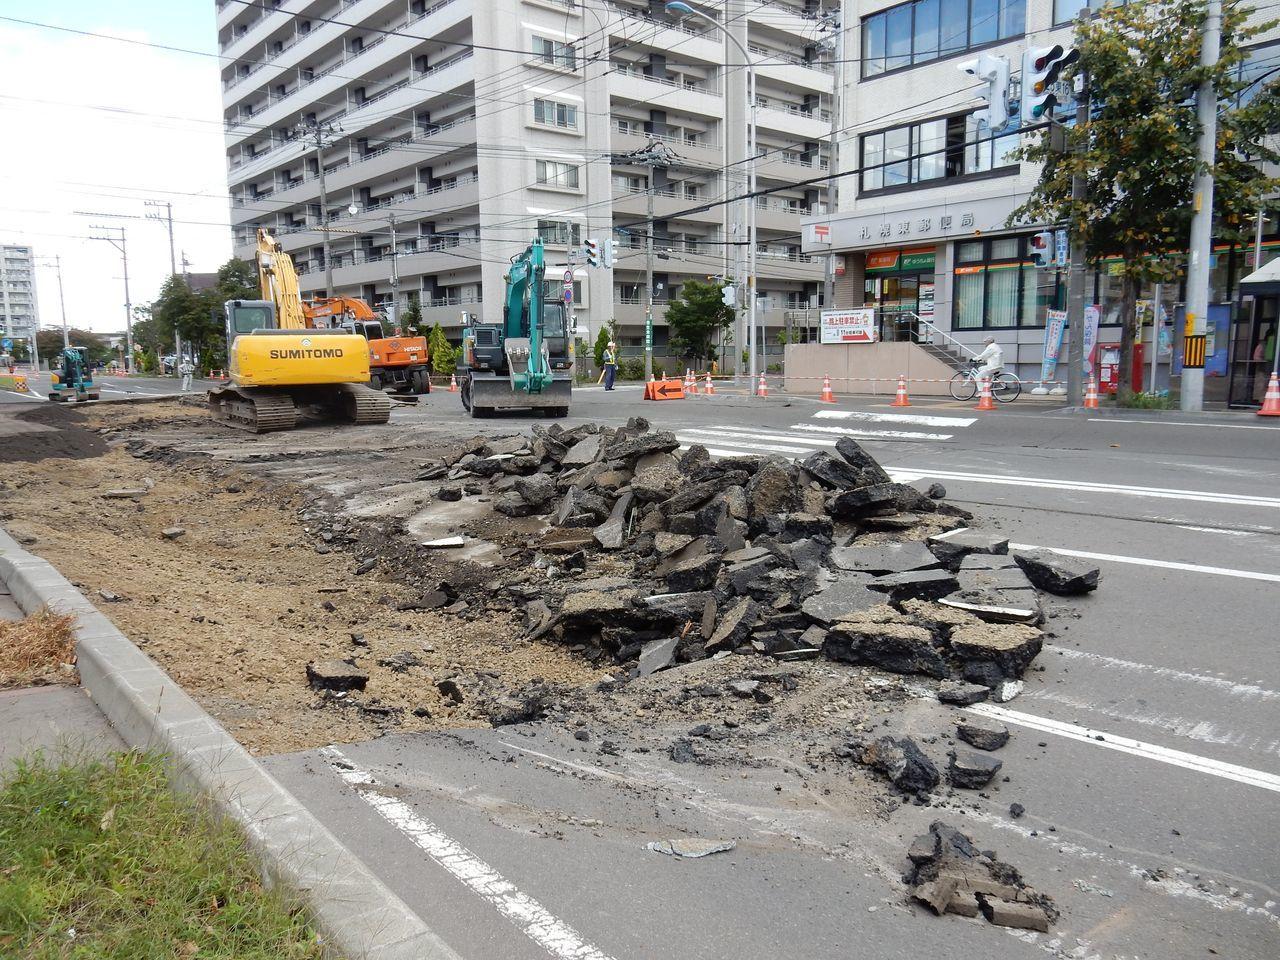 雨ニモ風ニモ地震ニモマケナイ_c0025115_23163956.jpg